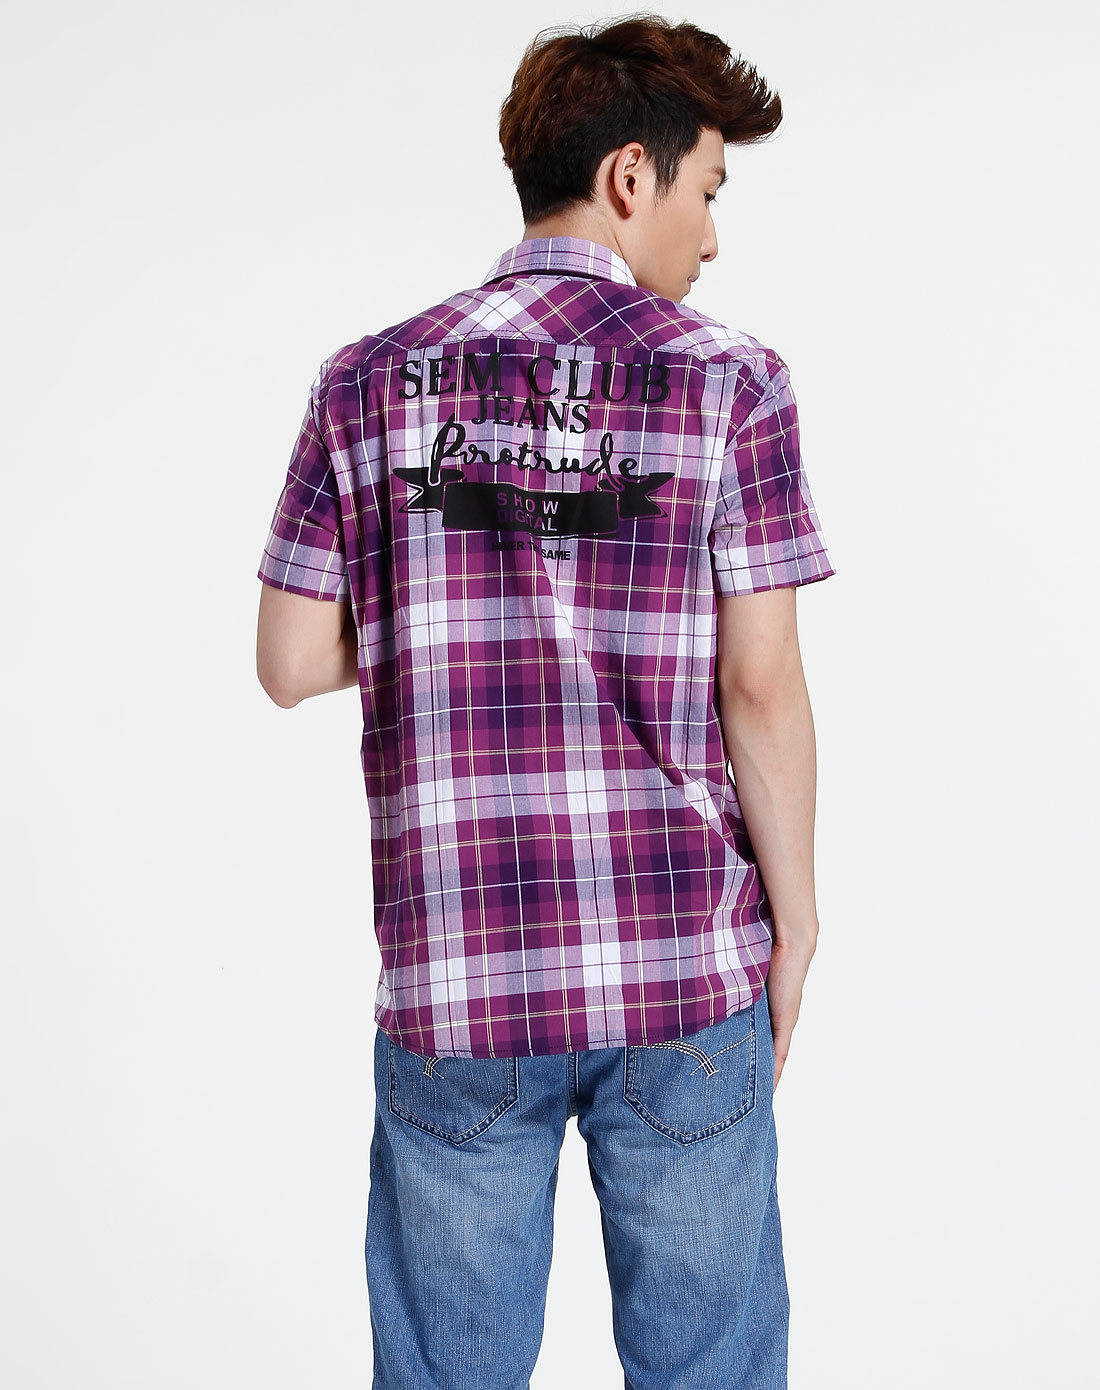 森马-男装紫色格子短袖休闲衬衫082151513-070图片